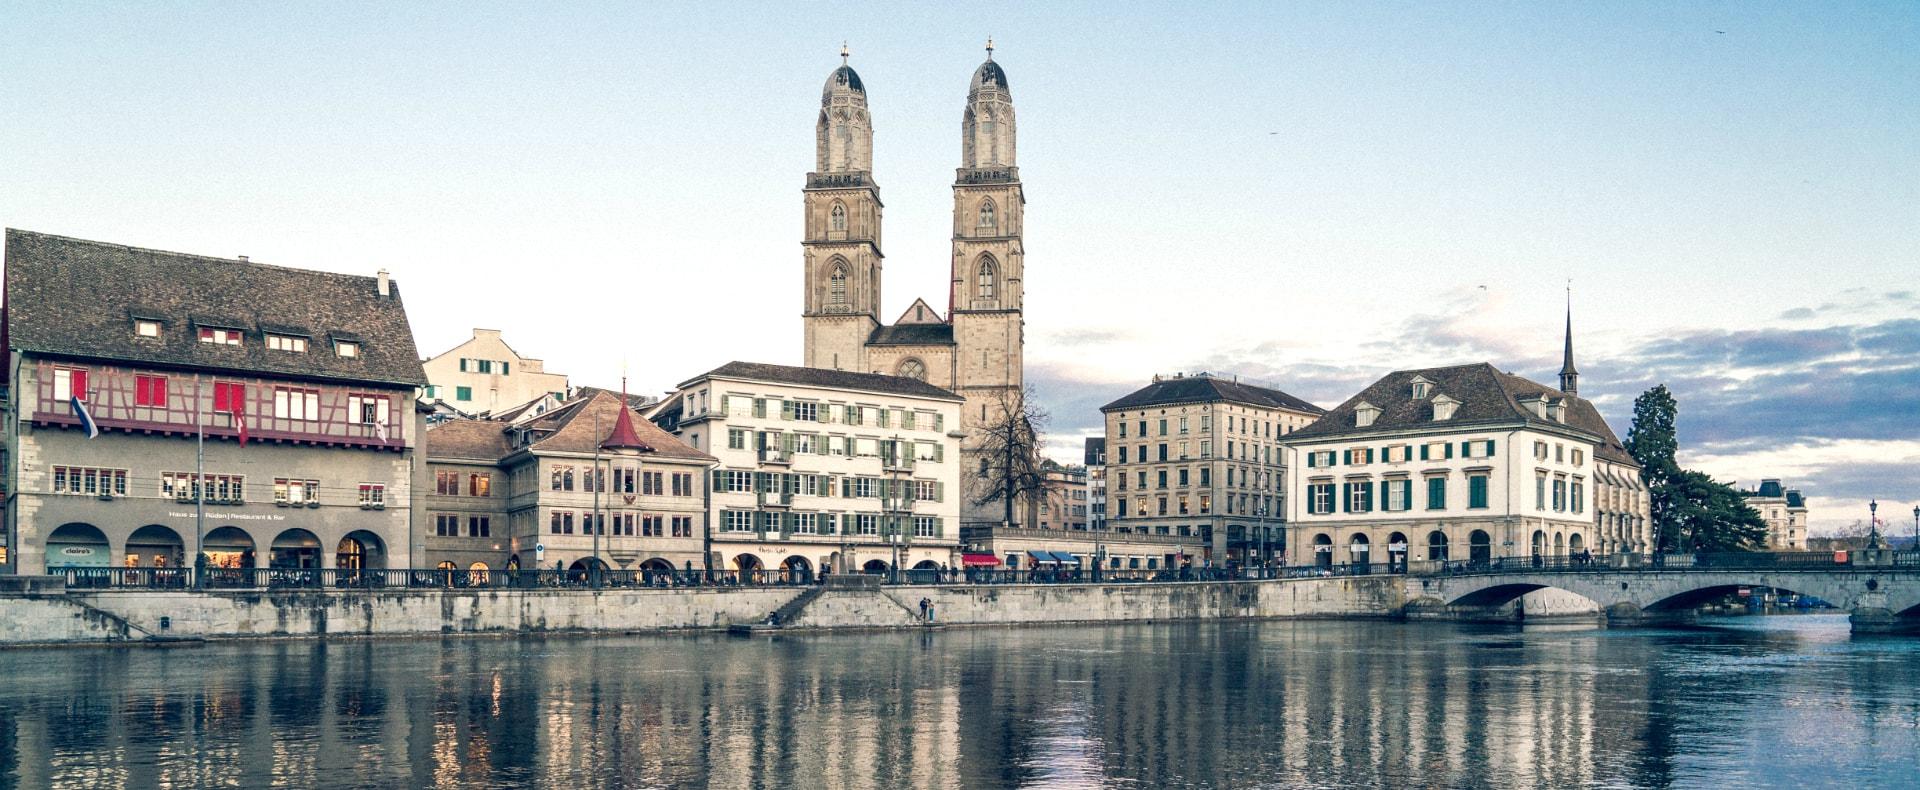 Zurich Grossmunster Church, Switzerland